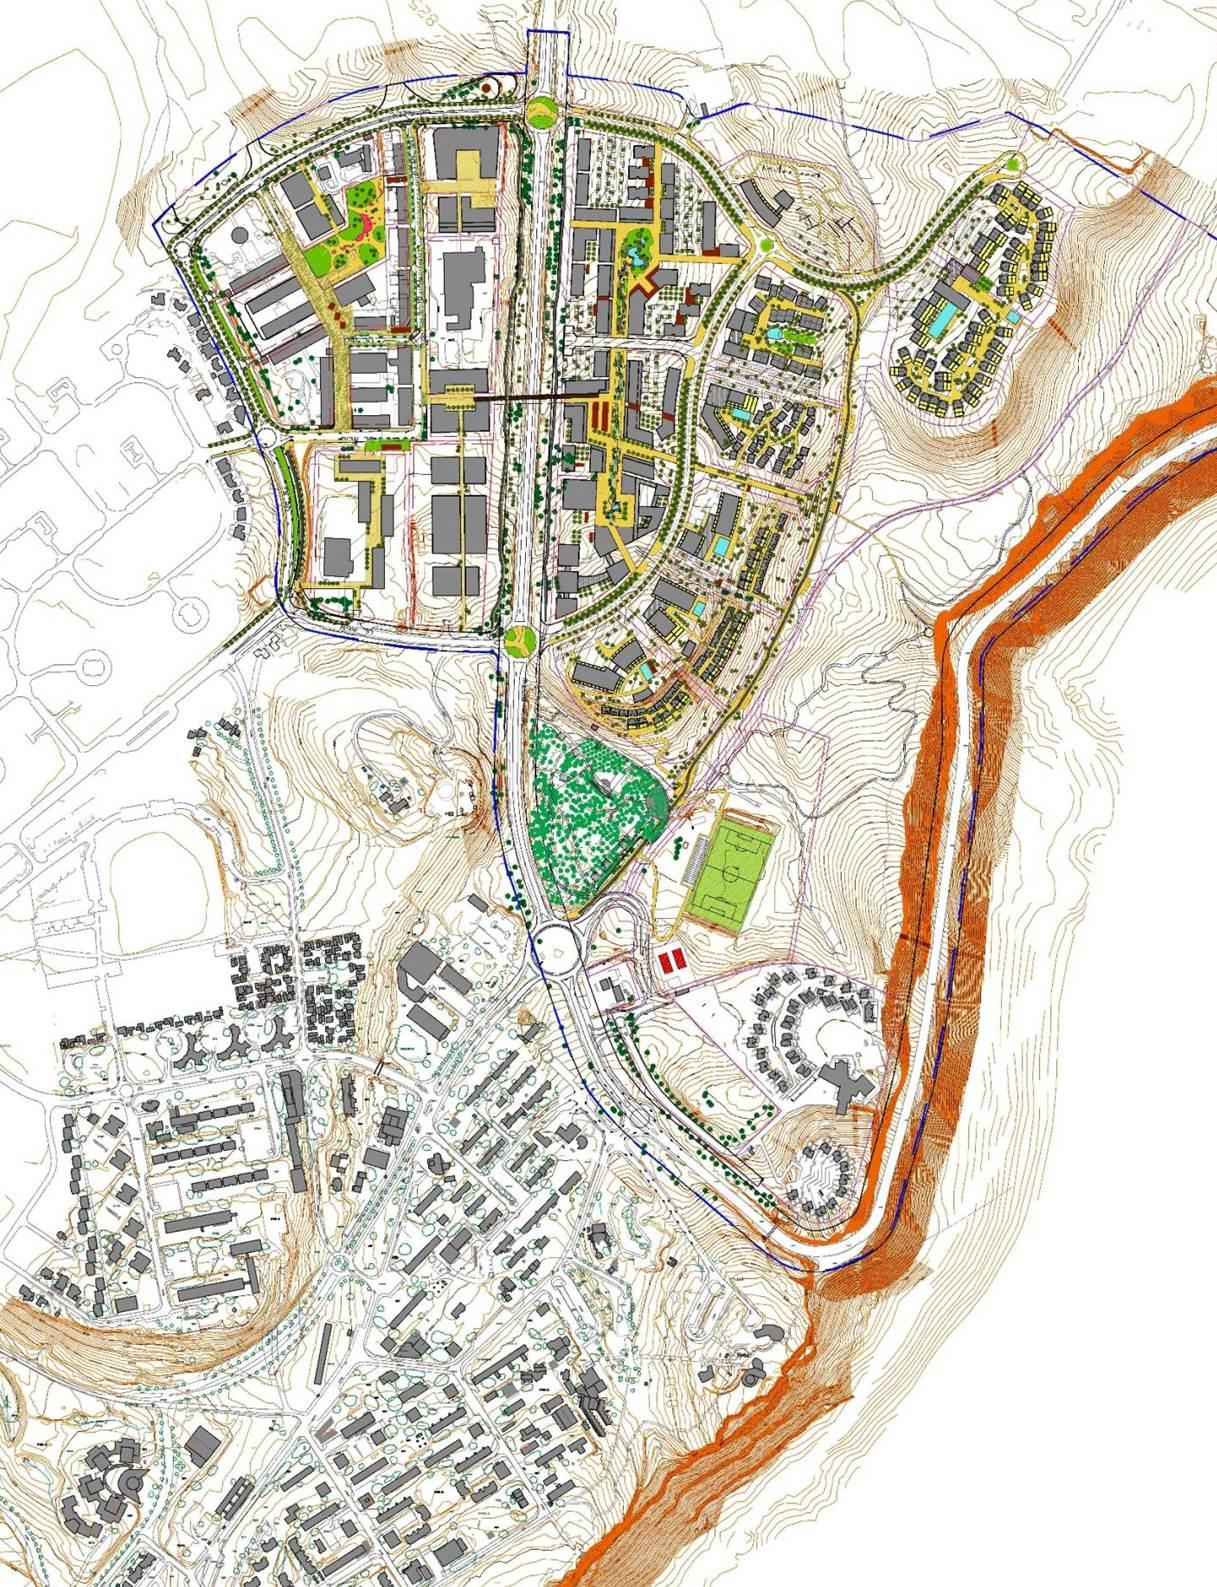 מפת פיתוח התשתיות של היישוב  (הדמיה) (הדמיה)